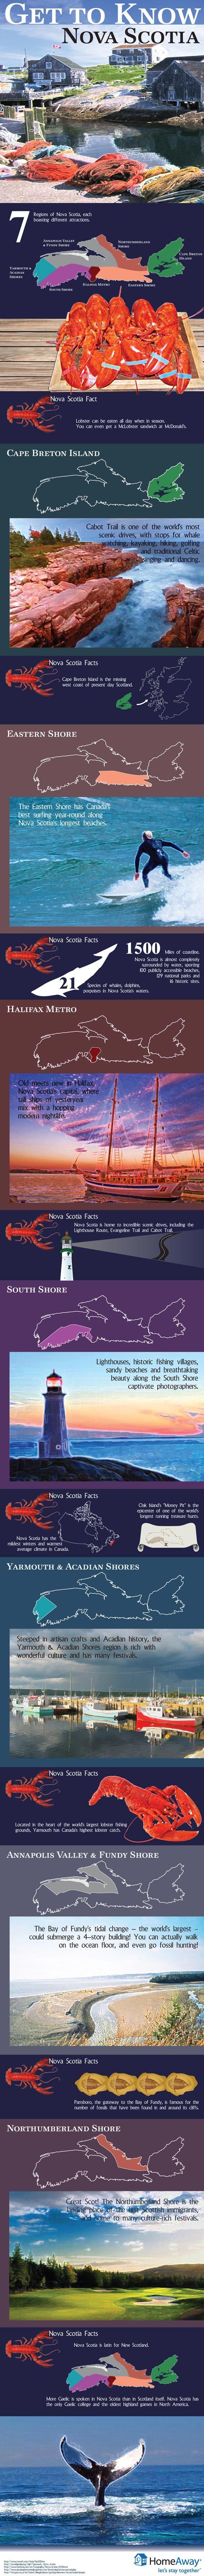 Get to Know Nova Scotia